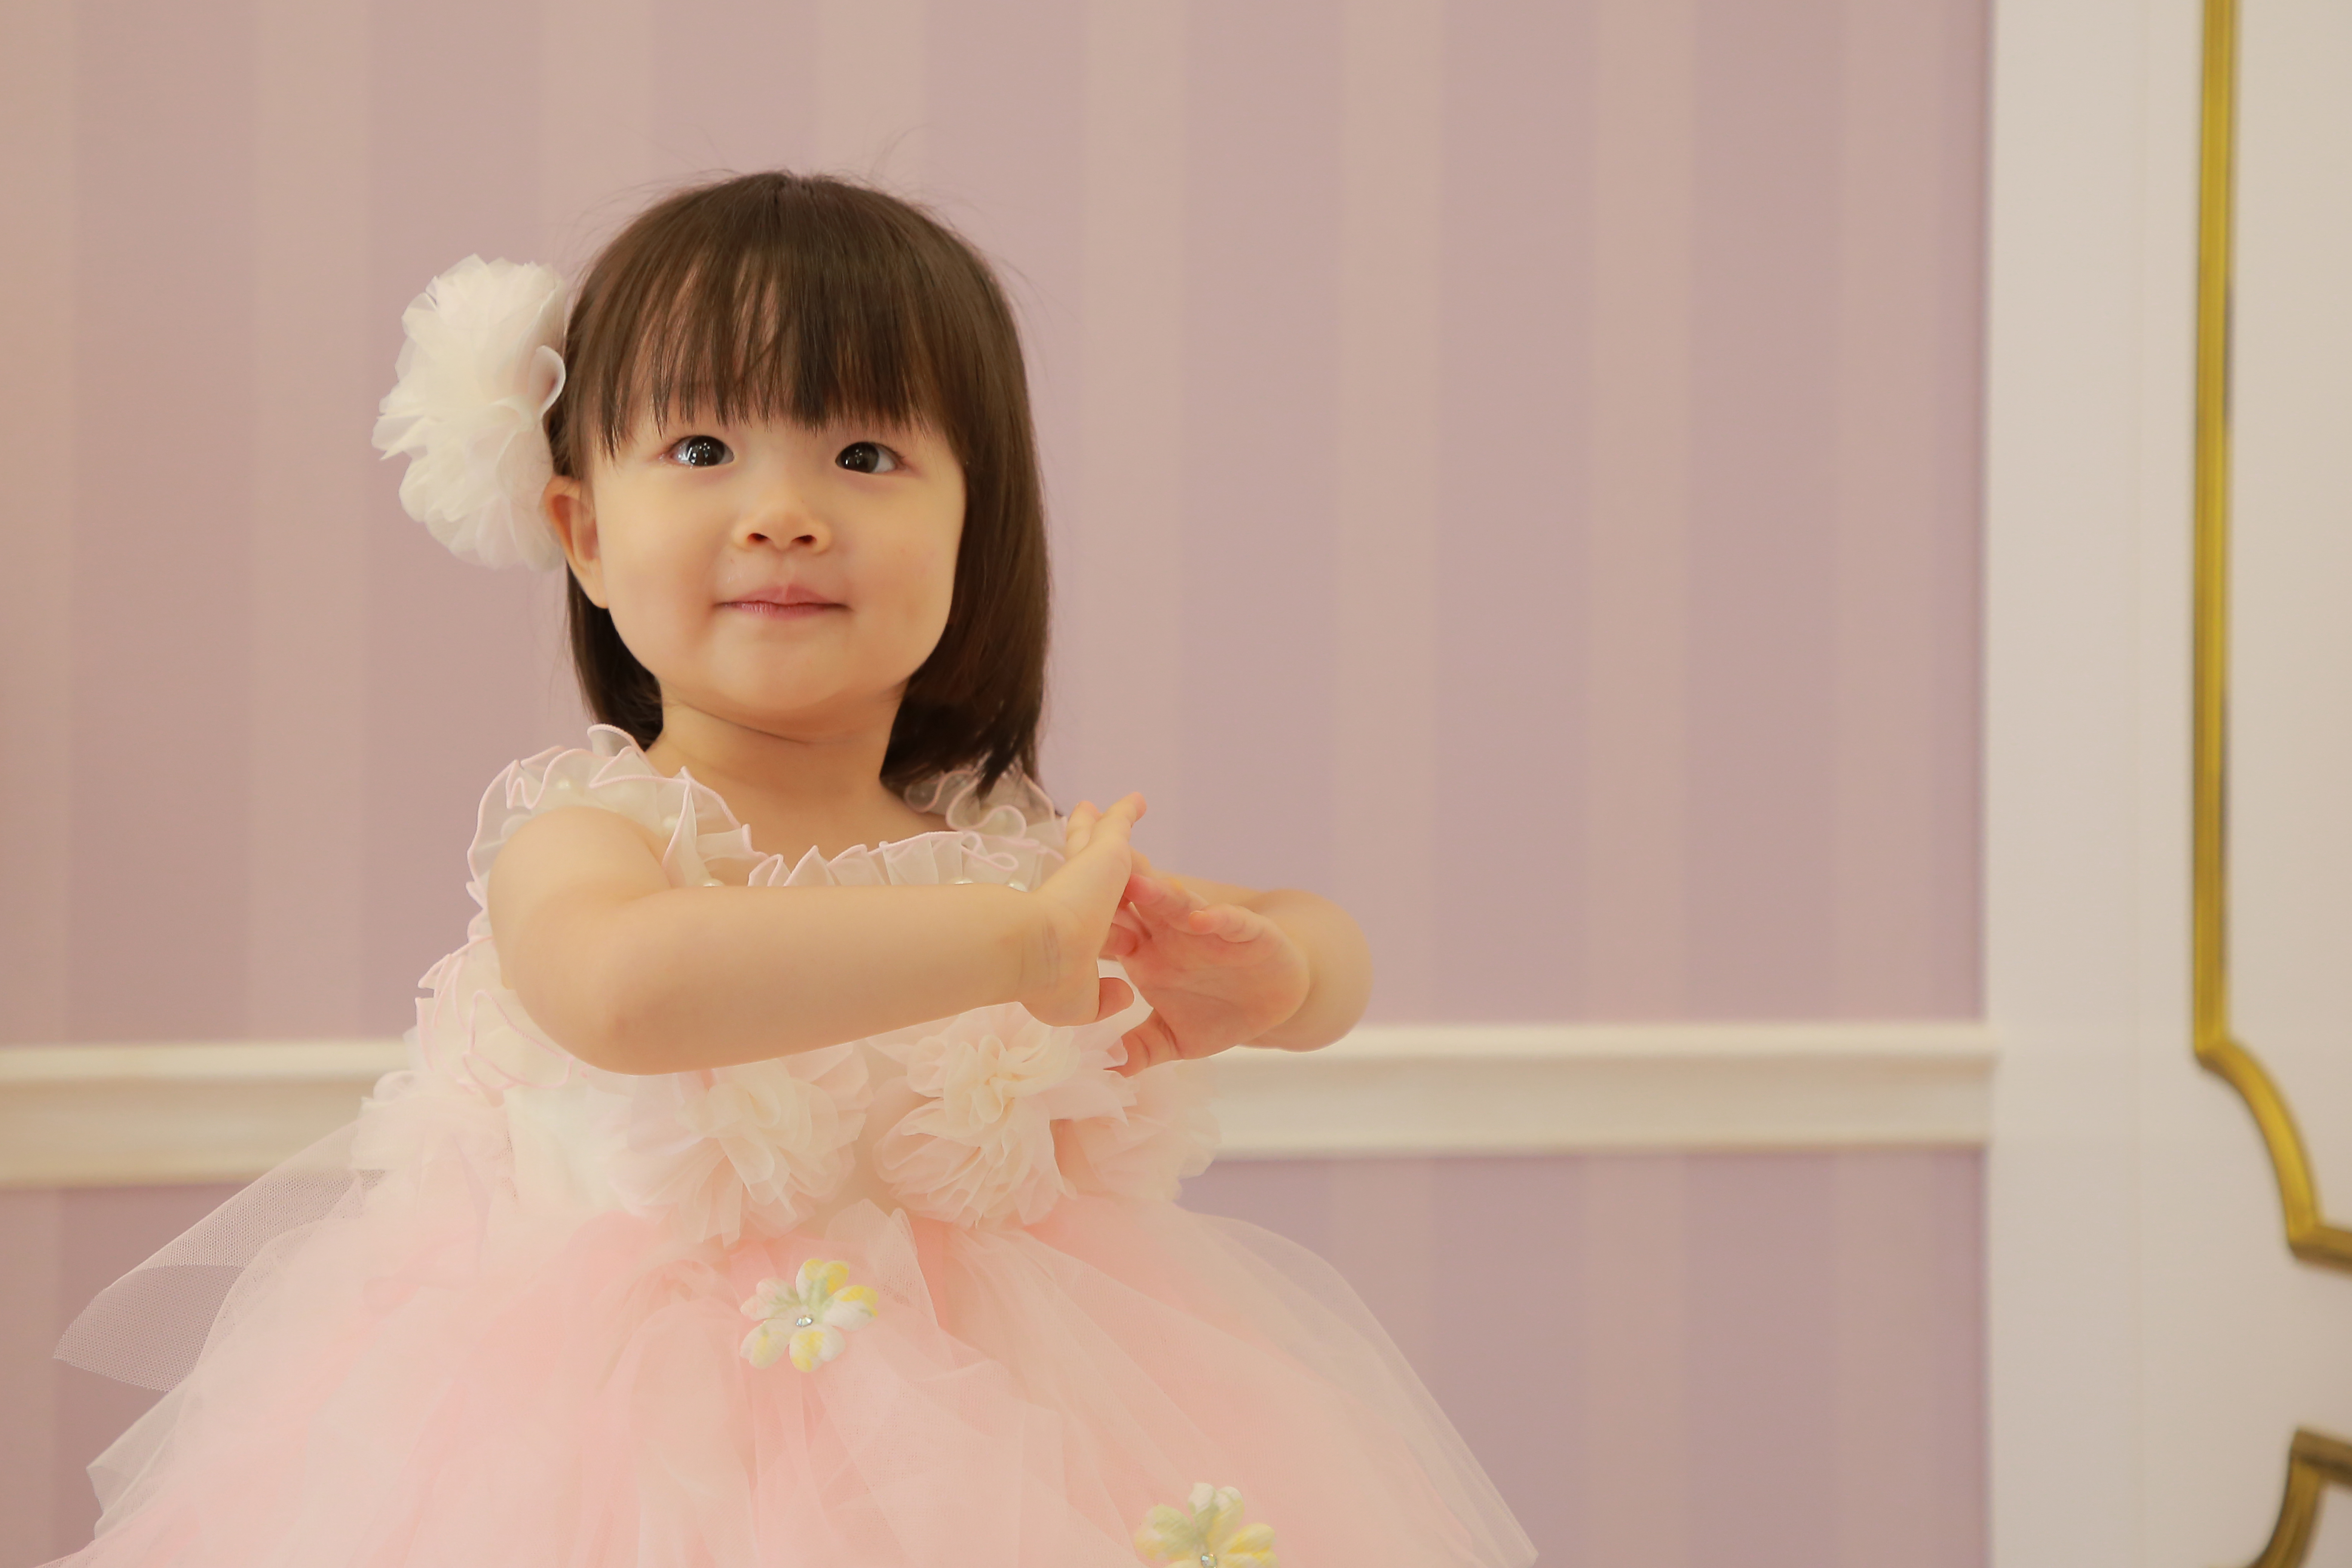 【天使すぎる】結婚式で子供に着せたいおすすめドレス&服装の注意点